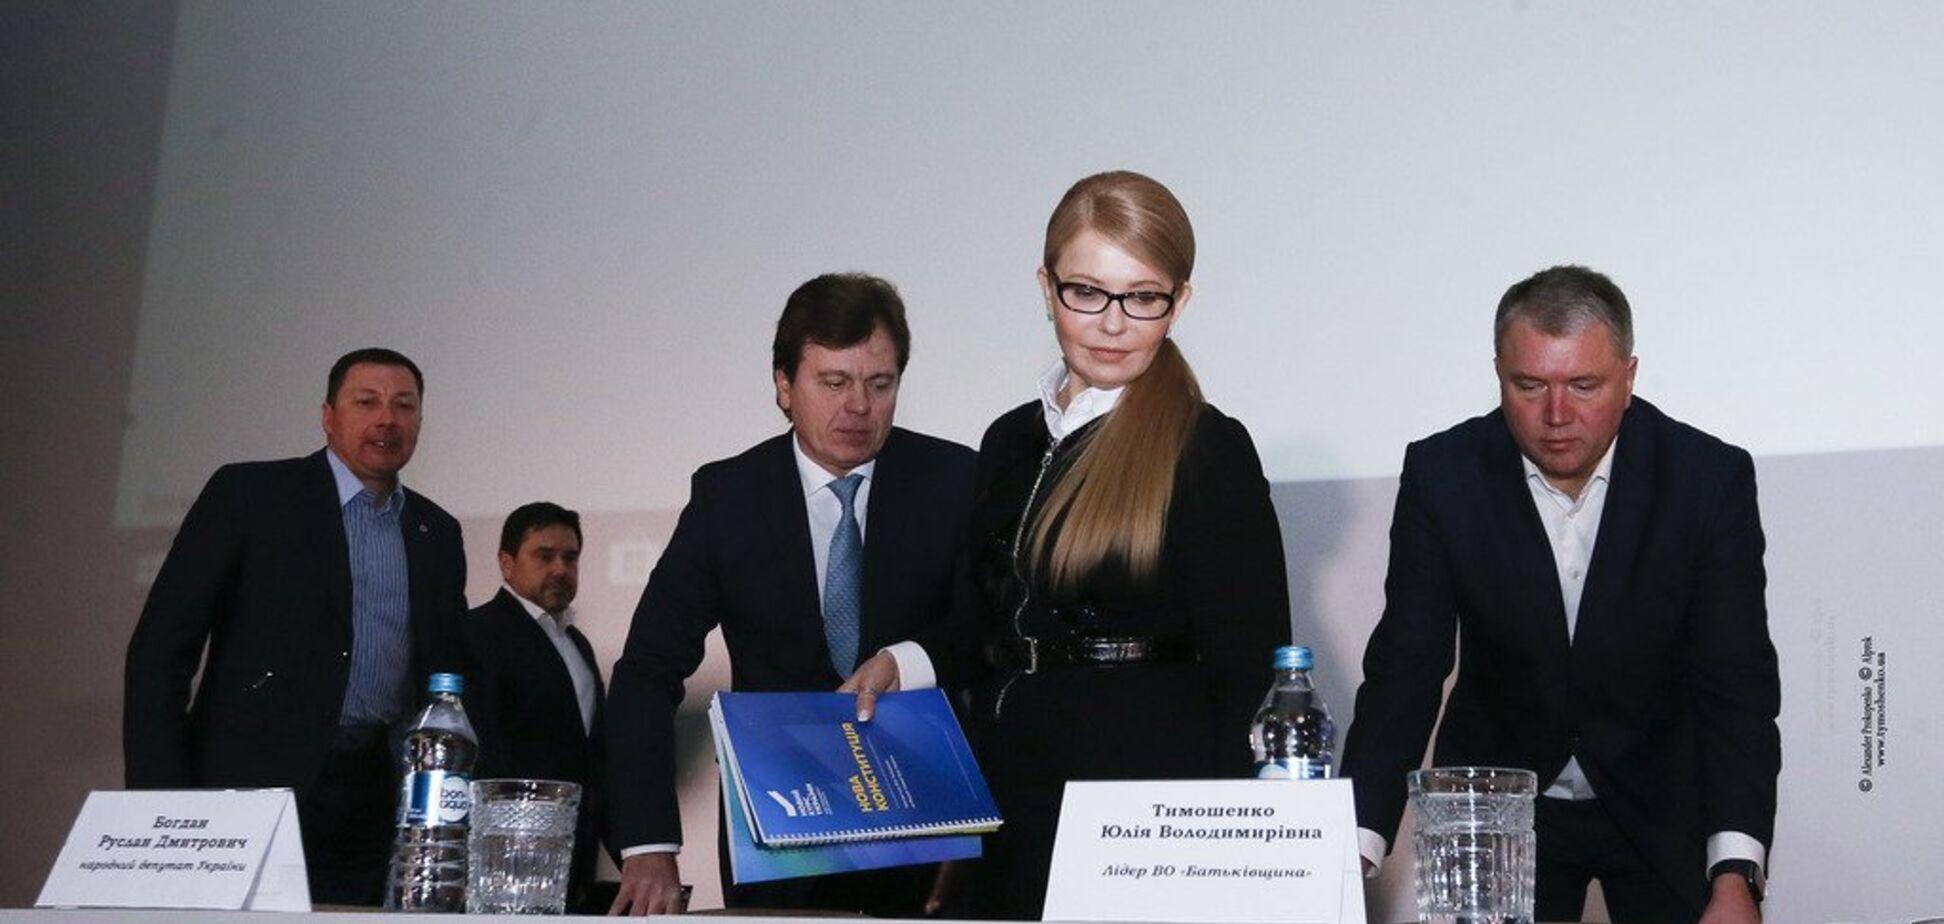 У Тимошенко есть четкий план вывода Украины из кризиса – Крулько